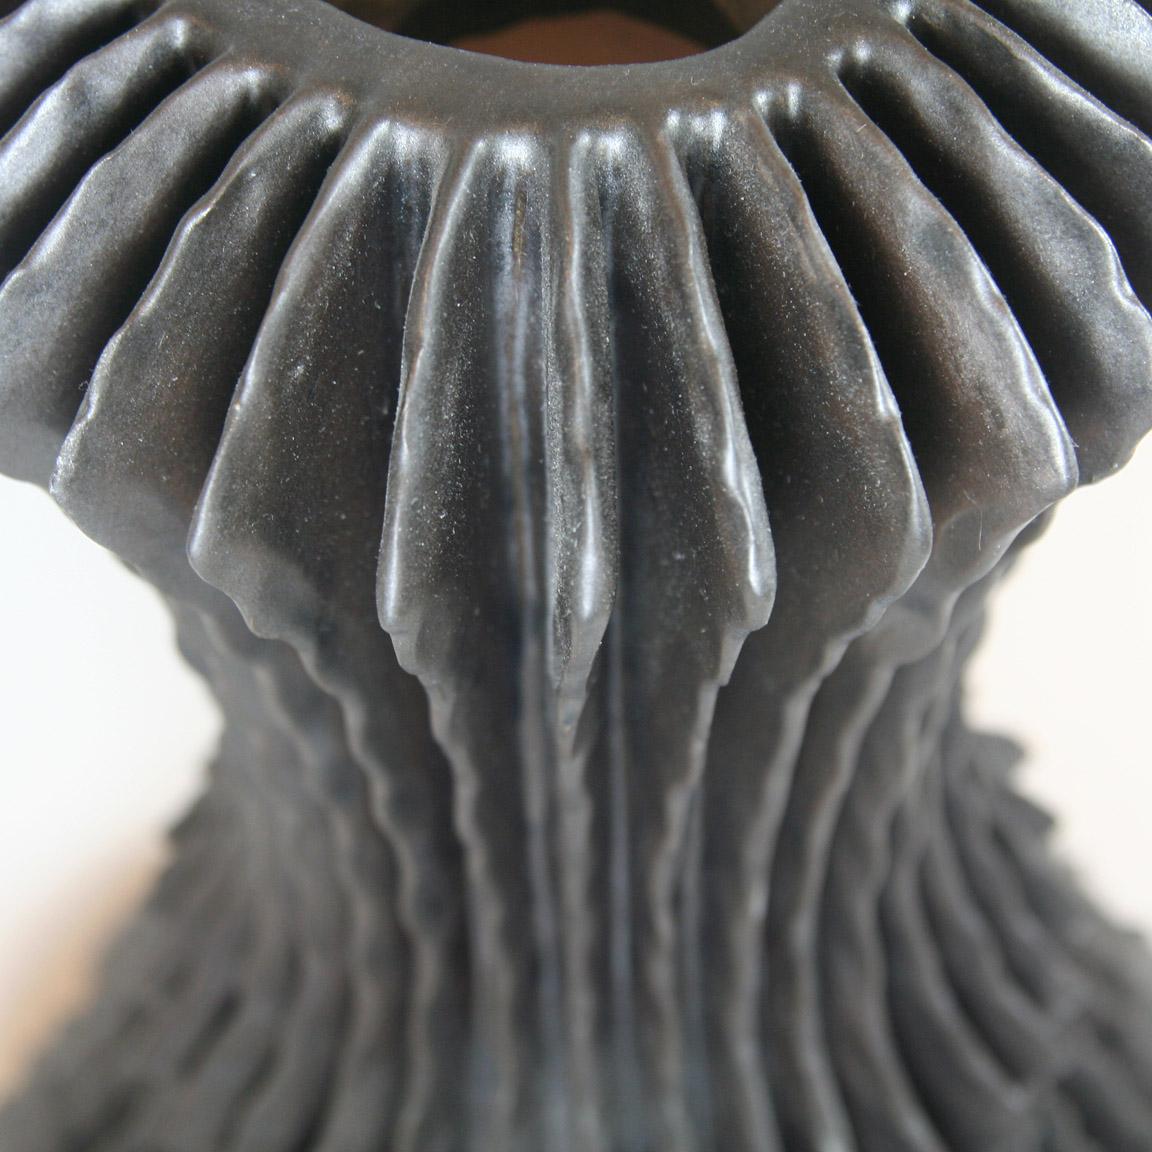 Billowing Vase Detail